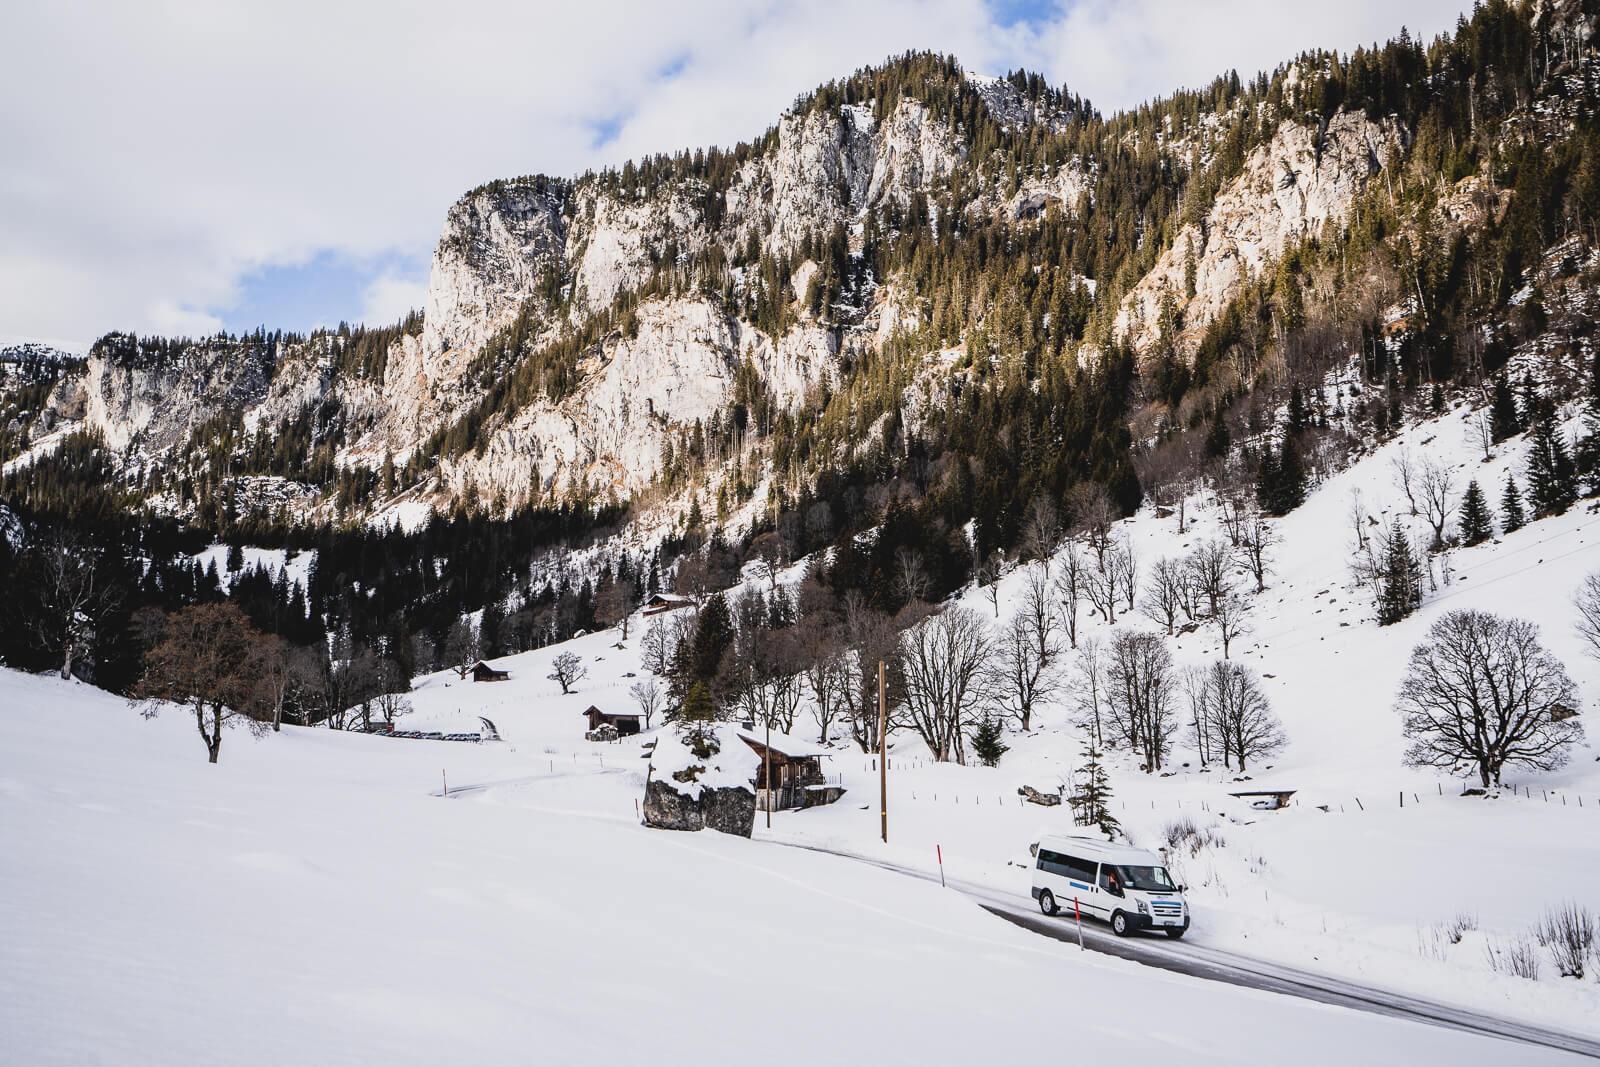 Rückfahrt mit dem Schneetourenbus ins Tal